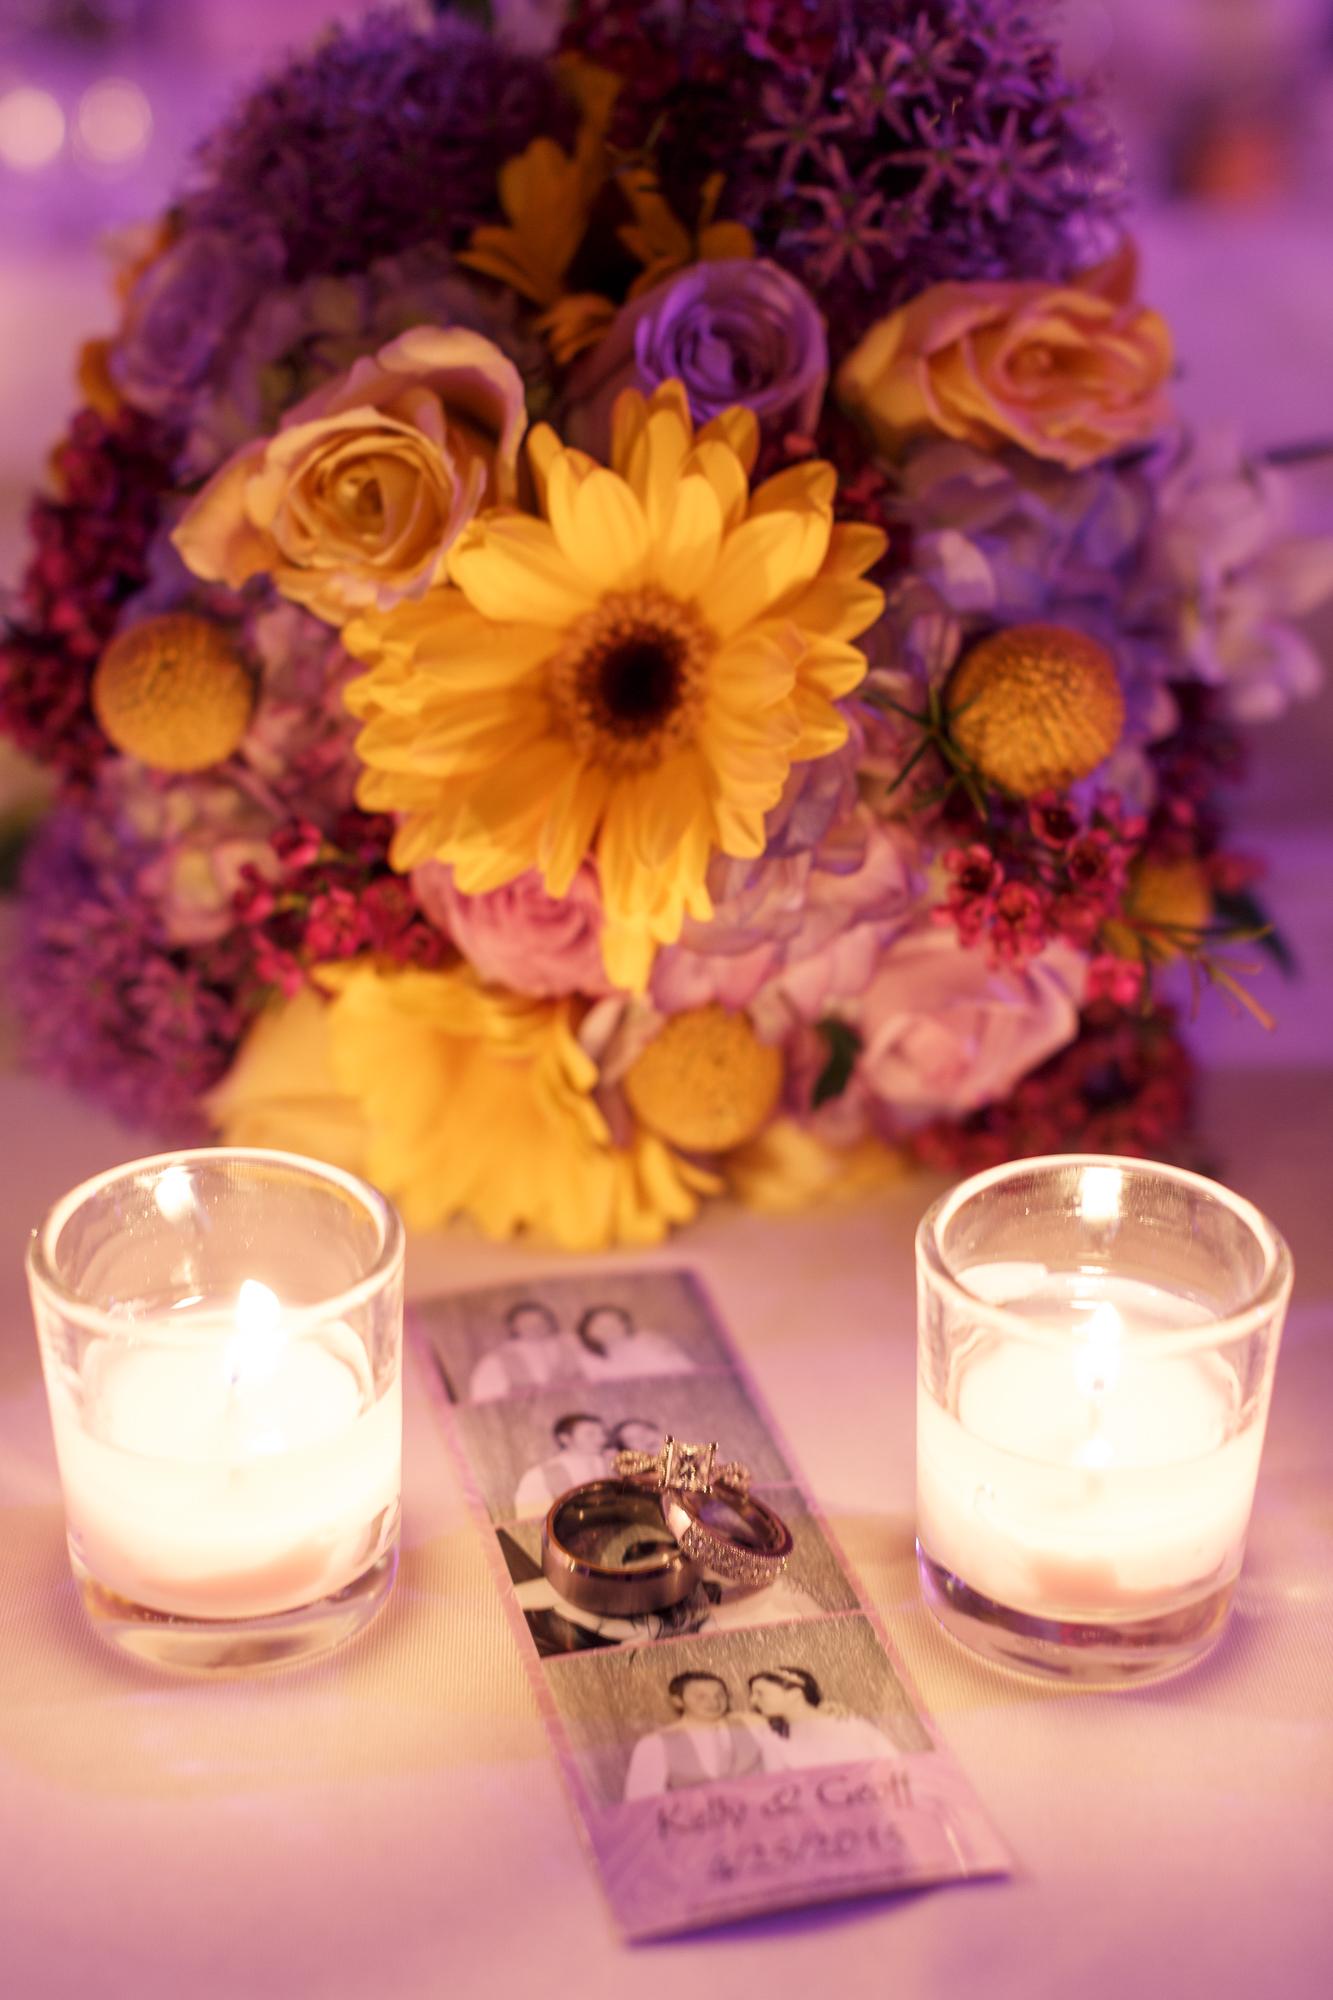 scranton-wedding-photography-zak-zavada-poconos--kellyGeoff-036.jpg